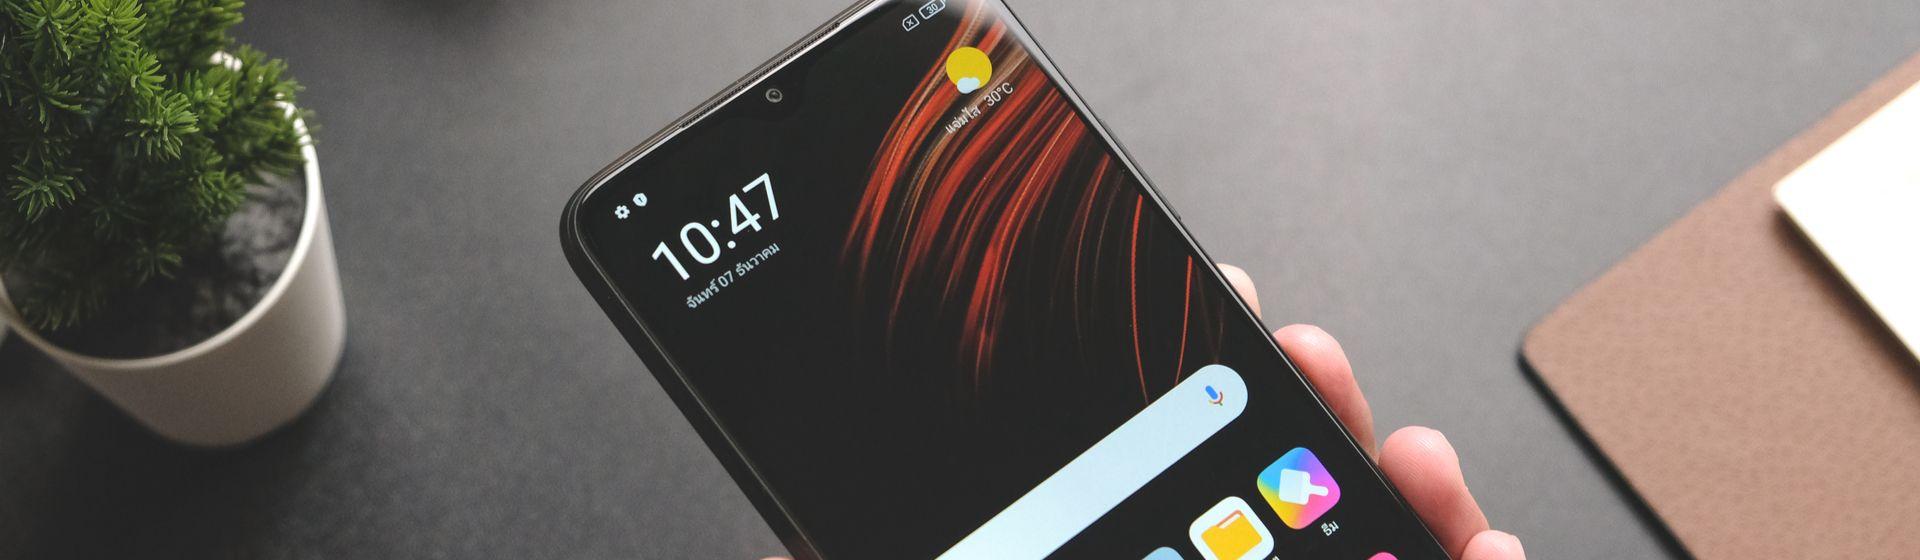 Os melhores celulares com 4GB a 6GB de memória RAM em 2021